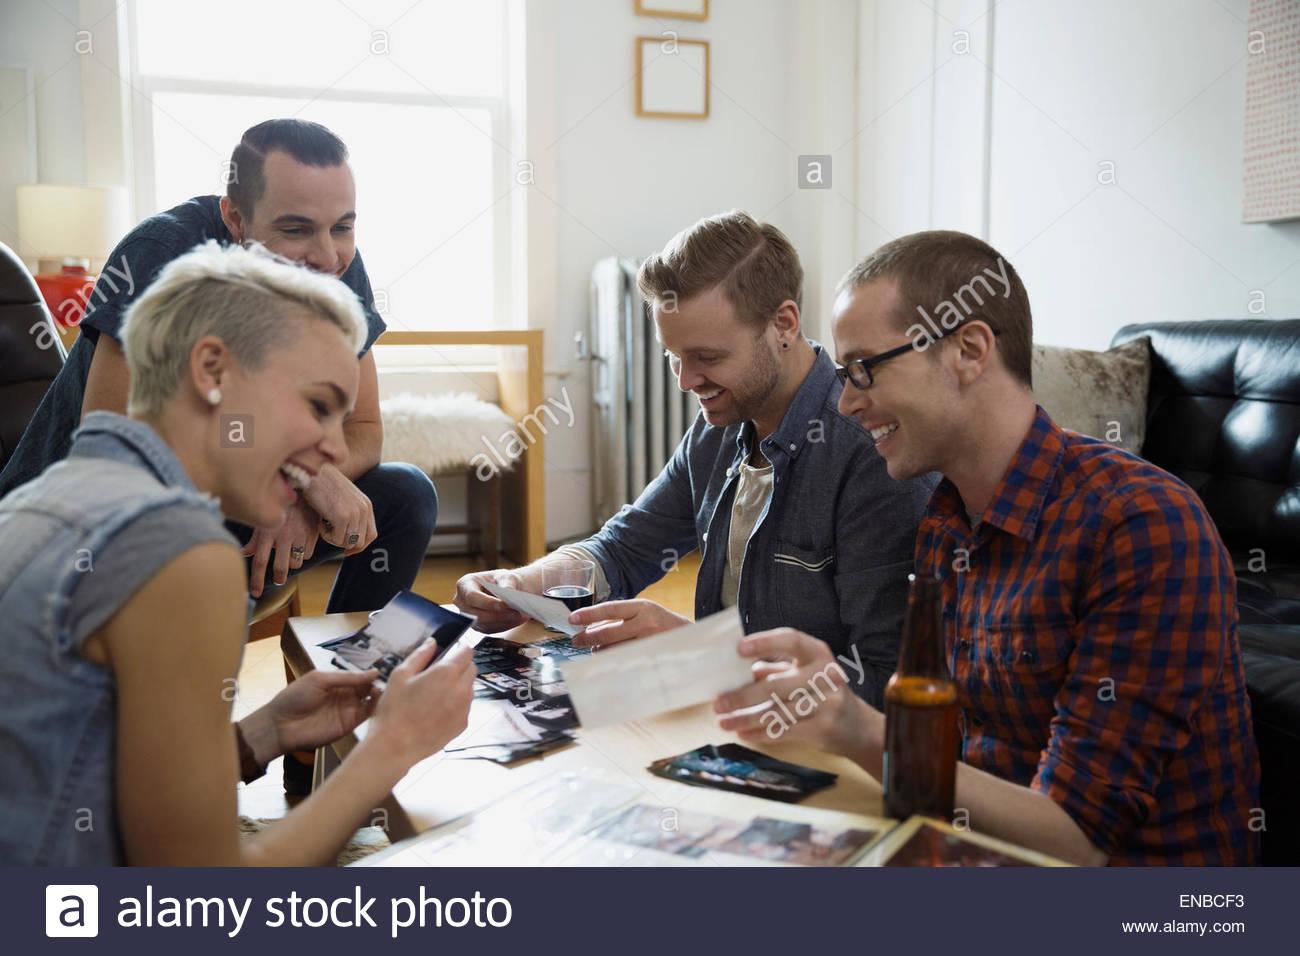 Freunde Fotos trinken Bier Wohnzimmer betrachten Stockbild